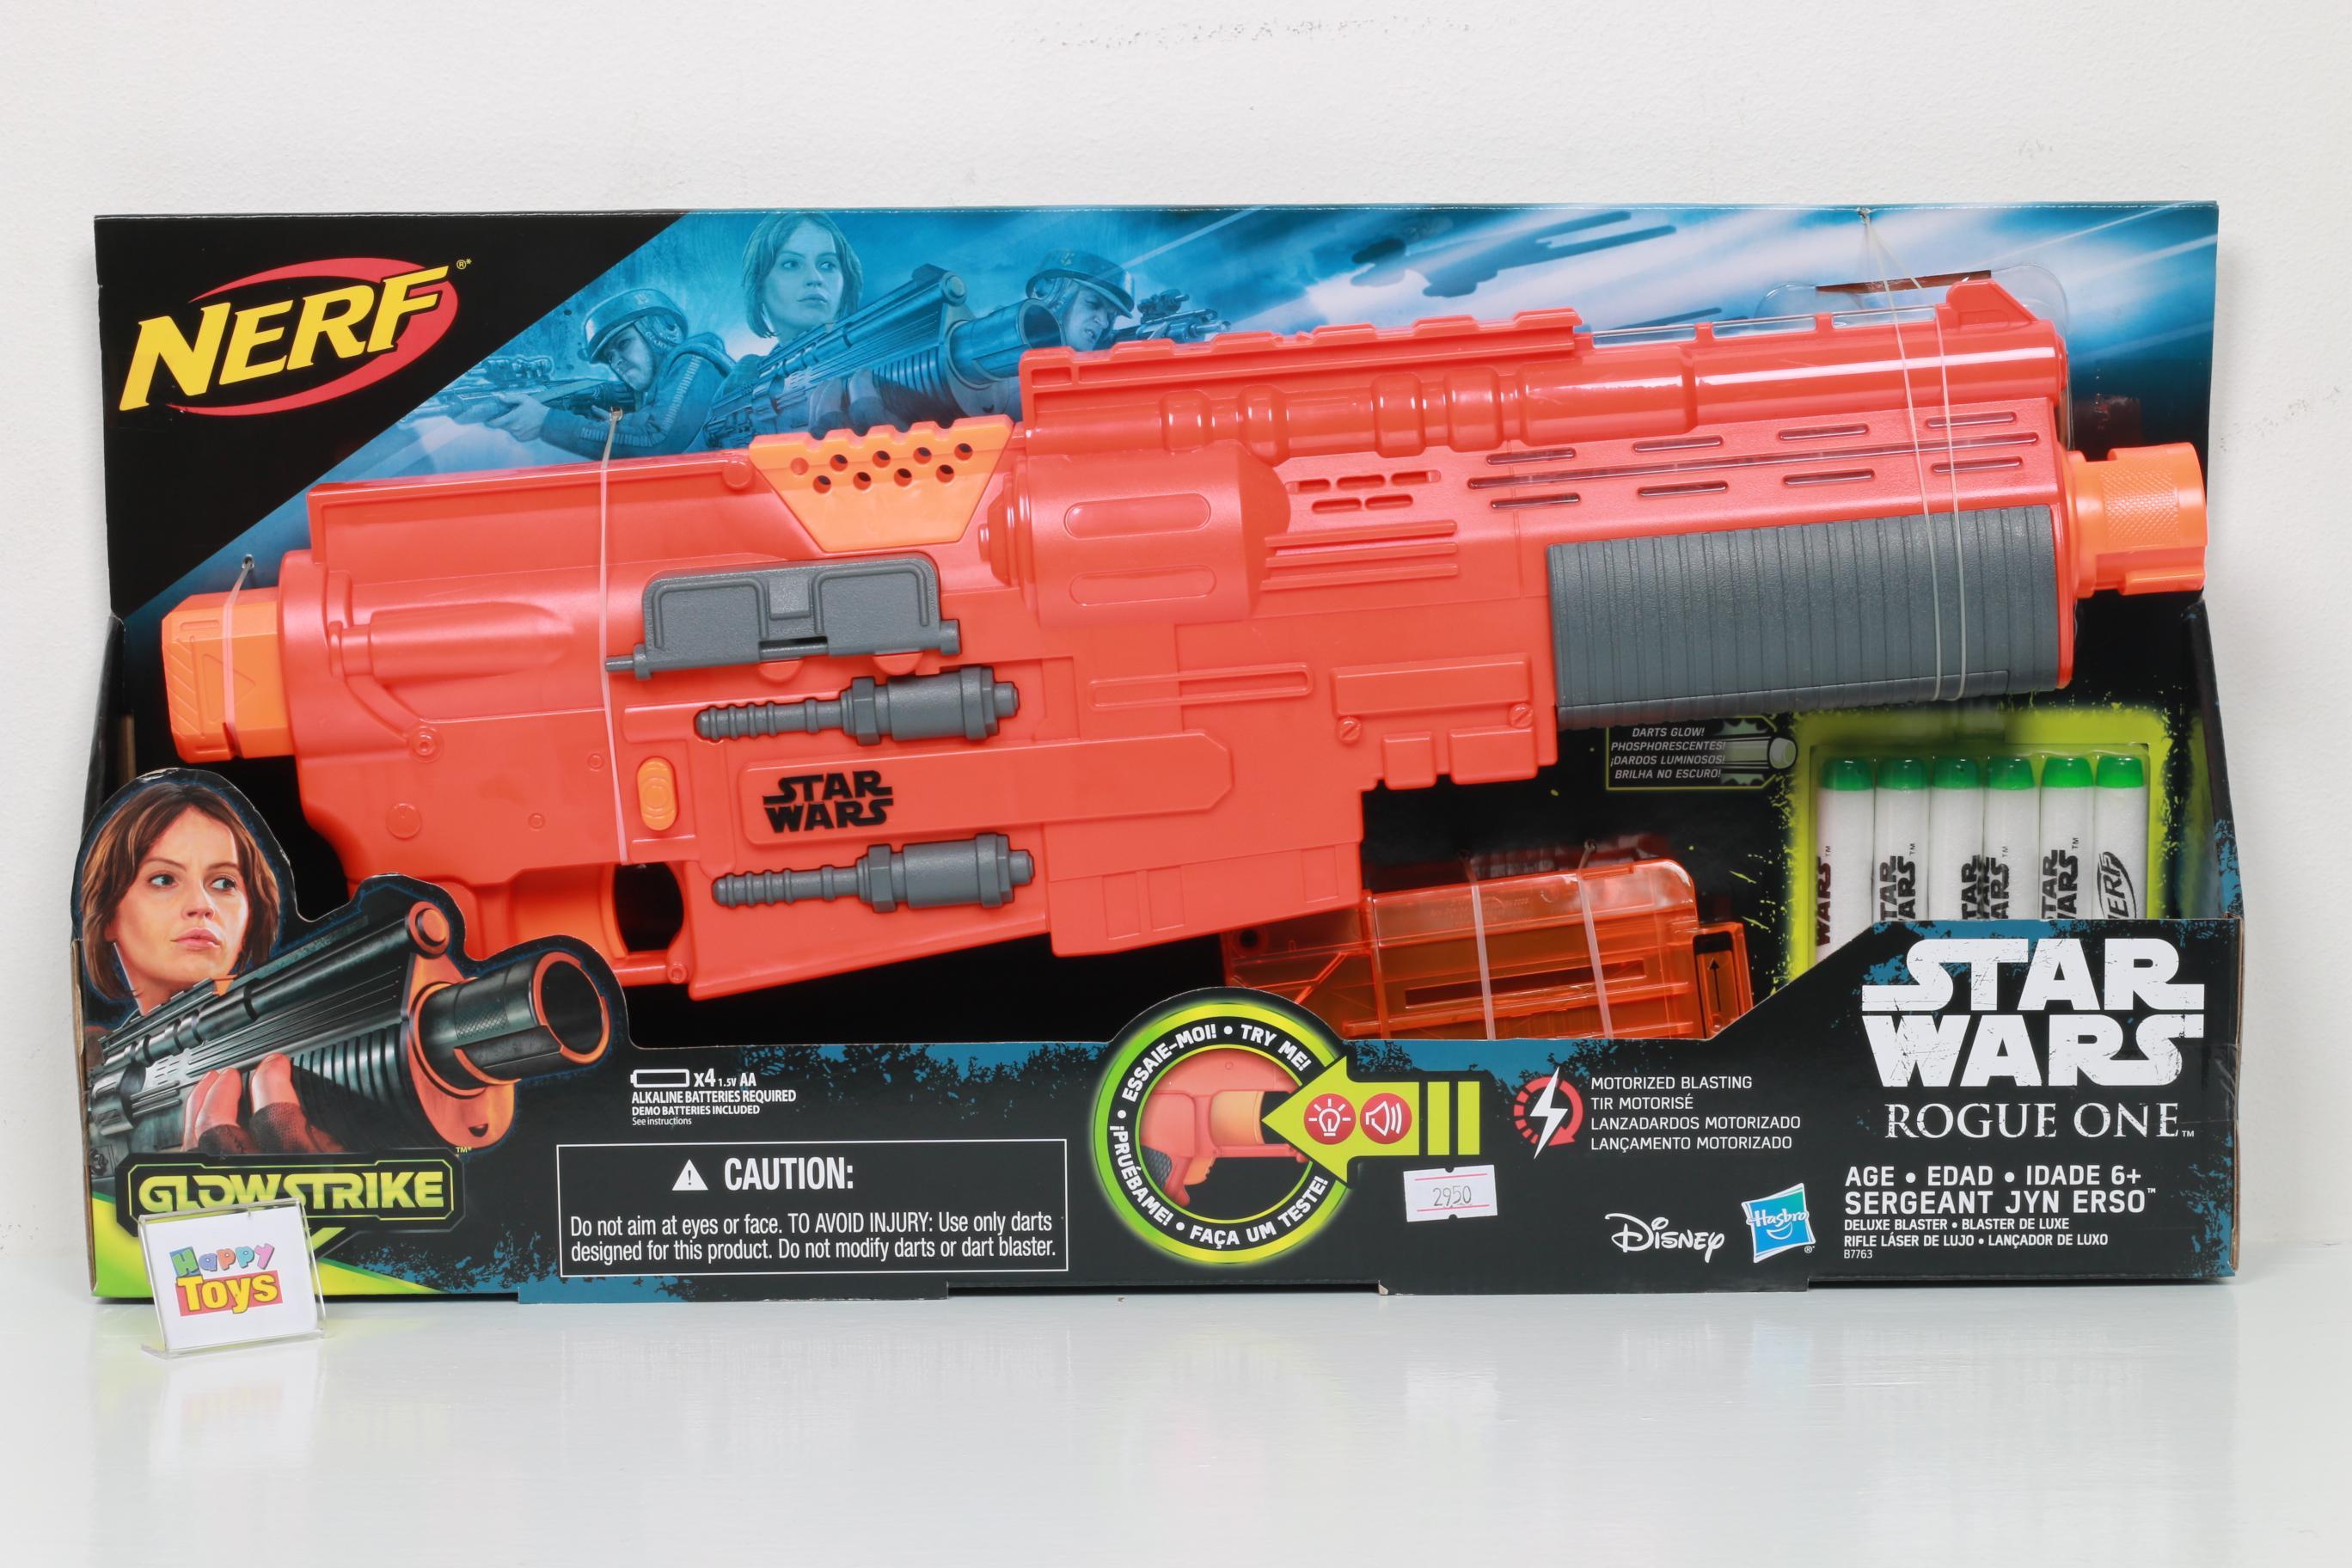 ปินเนิร์ฟ รุ่น Star wars Rogue one ปืนNrefยิงอัตโนมัติ ปืนSter wars